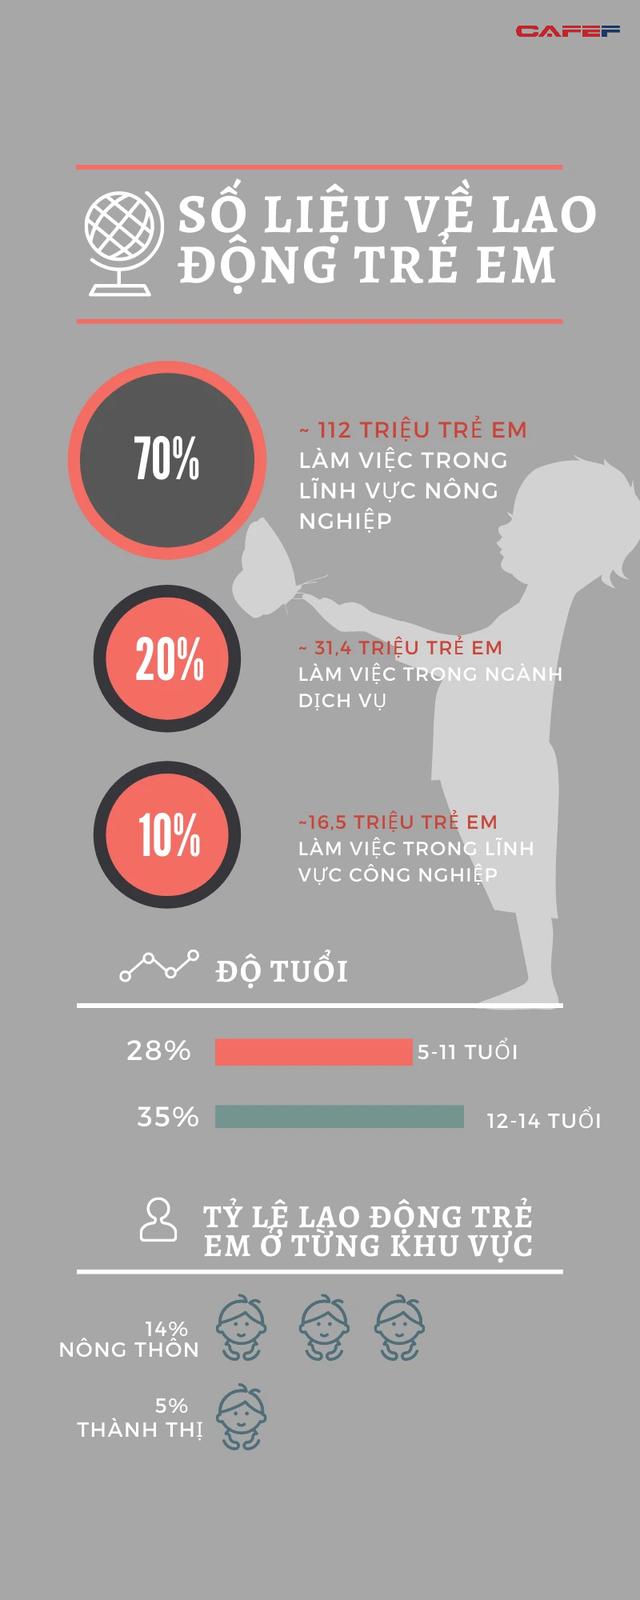 ILO: Chỉ trong 4 năm, toàn cầu tăng thêm 8,4 triệu lao động trẻ em - Ảnh 1.